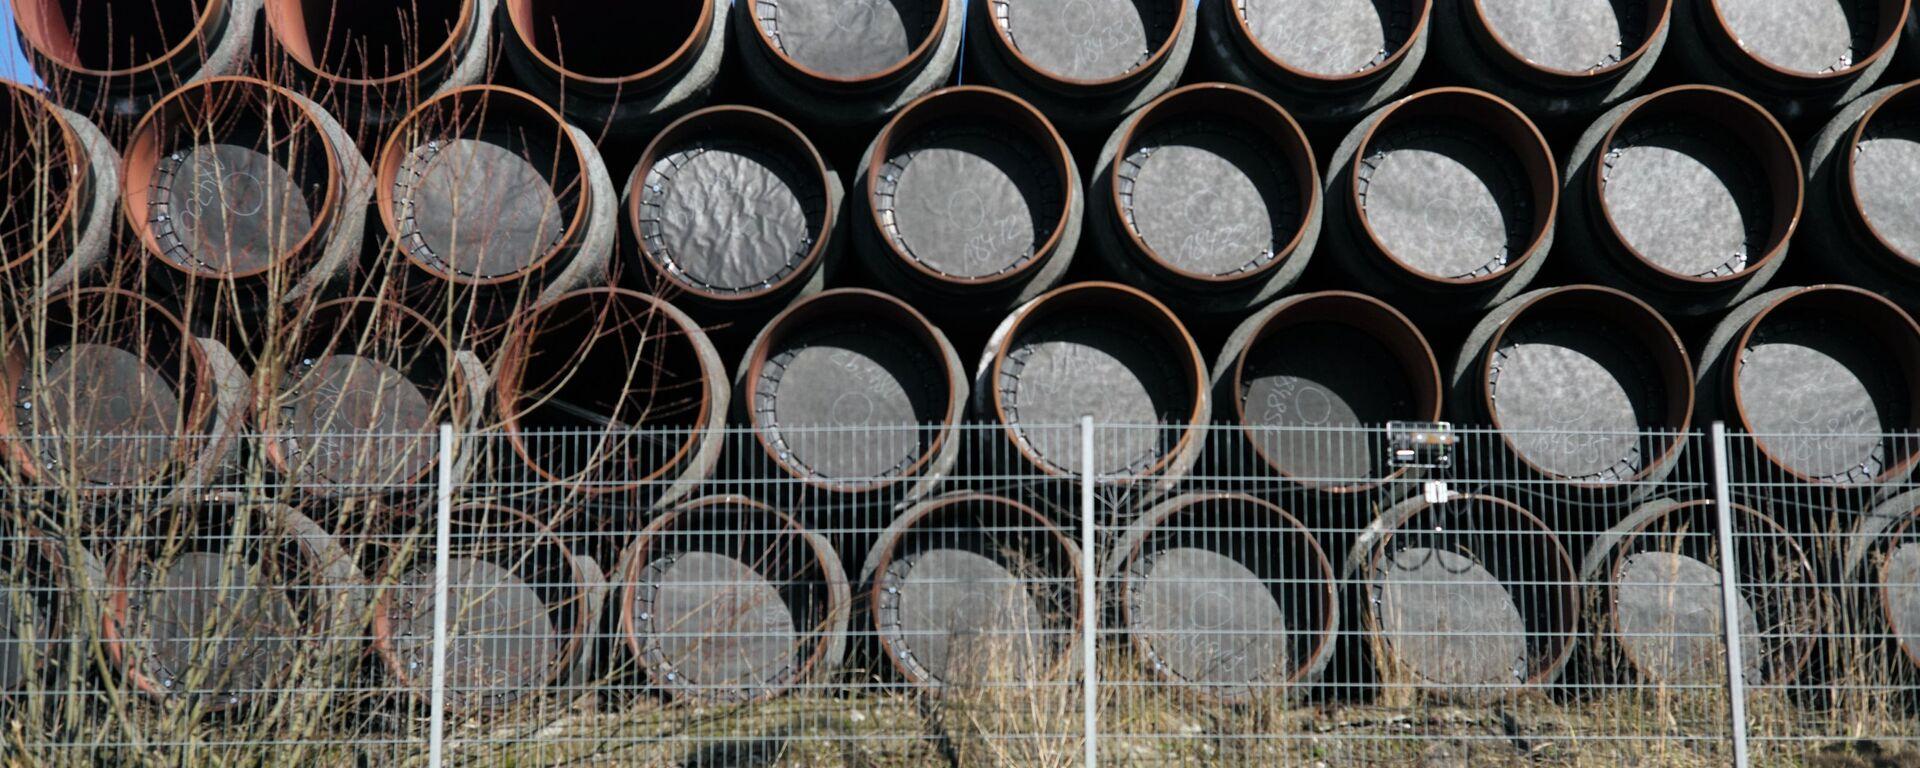 Склад труб для строительства газопровода Северный поток - 2 в порту города Засниц в Германии - Sputnik Latvija, 1920, 15.04.2021